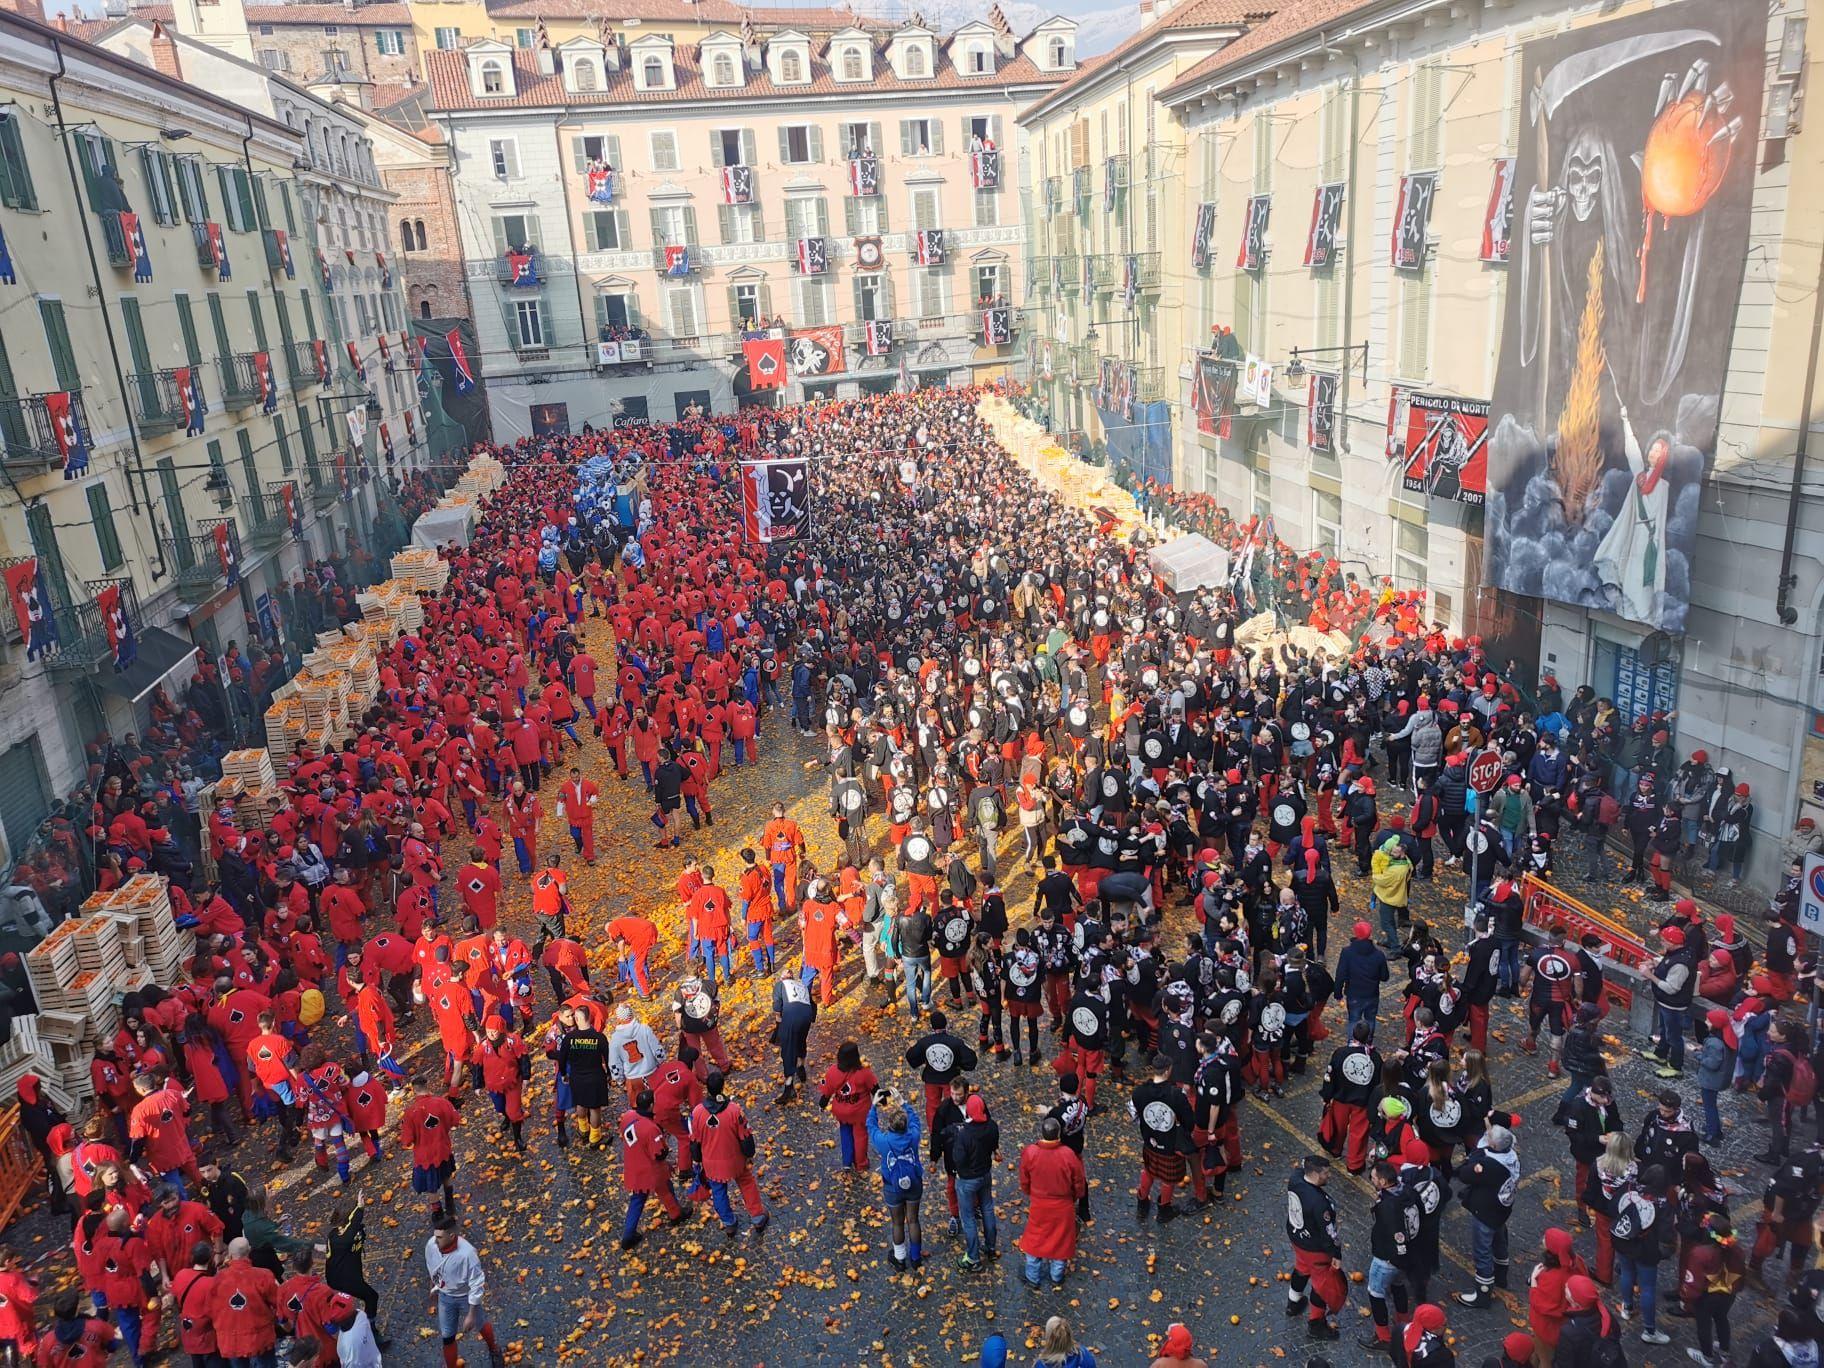 IVREA - C'è il covid, la città resta senza lo Storico Carnevale: l'evento si sposta sui social